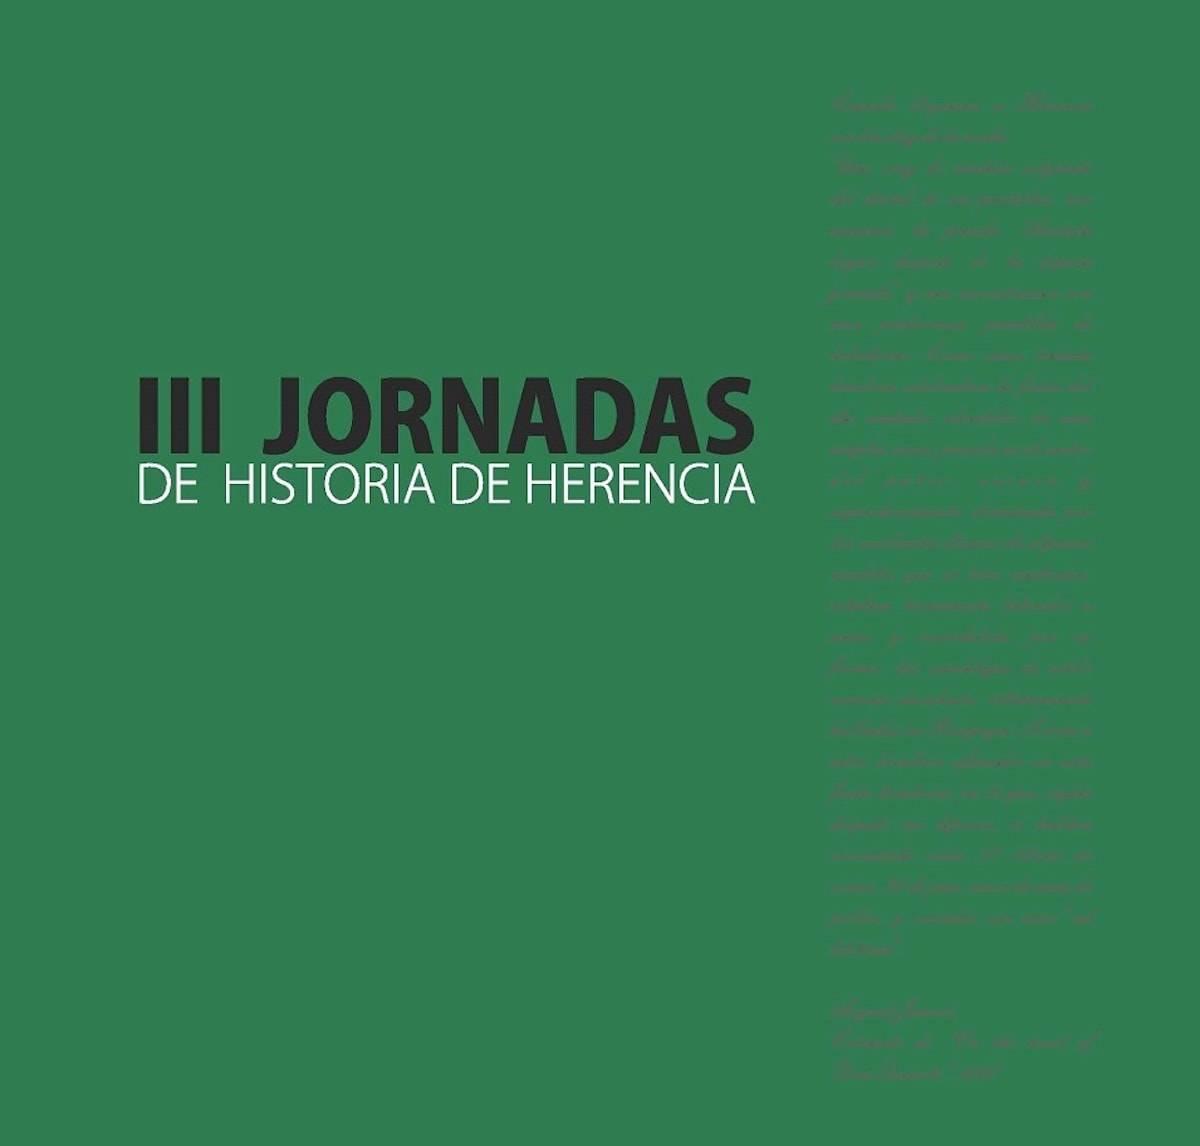 III Jornadas de Historia de Herencia divulgarán los estudios realizados en una publicación 3